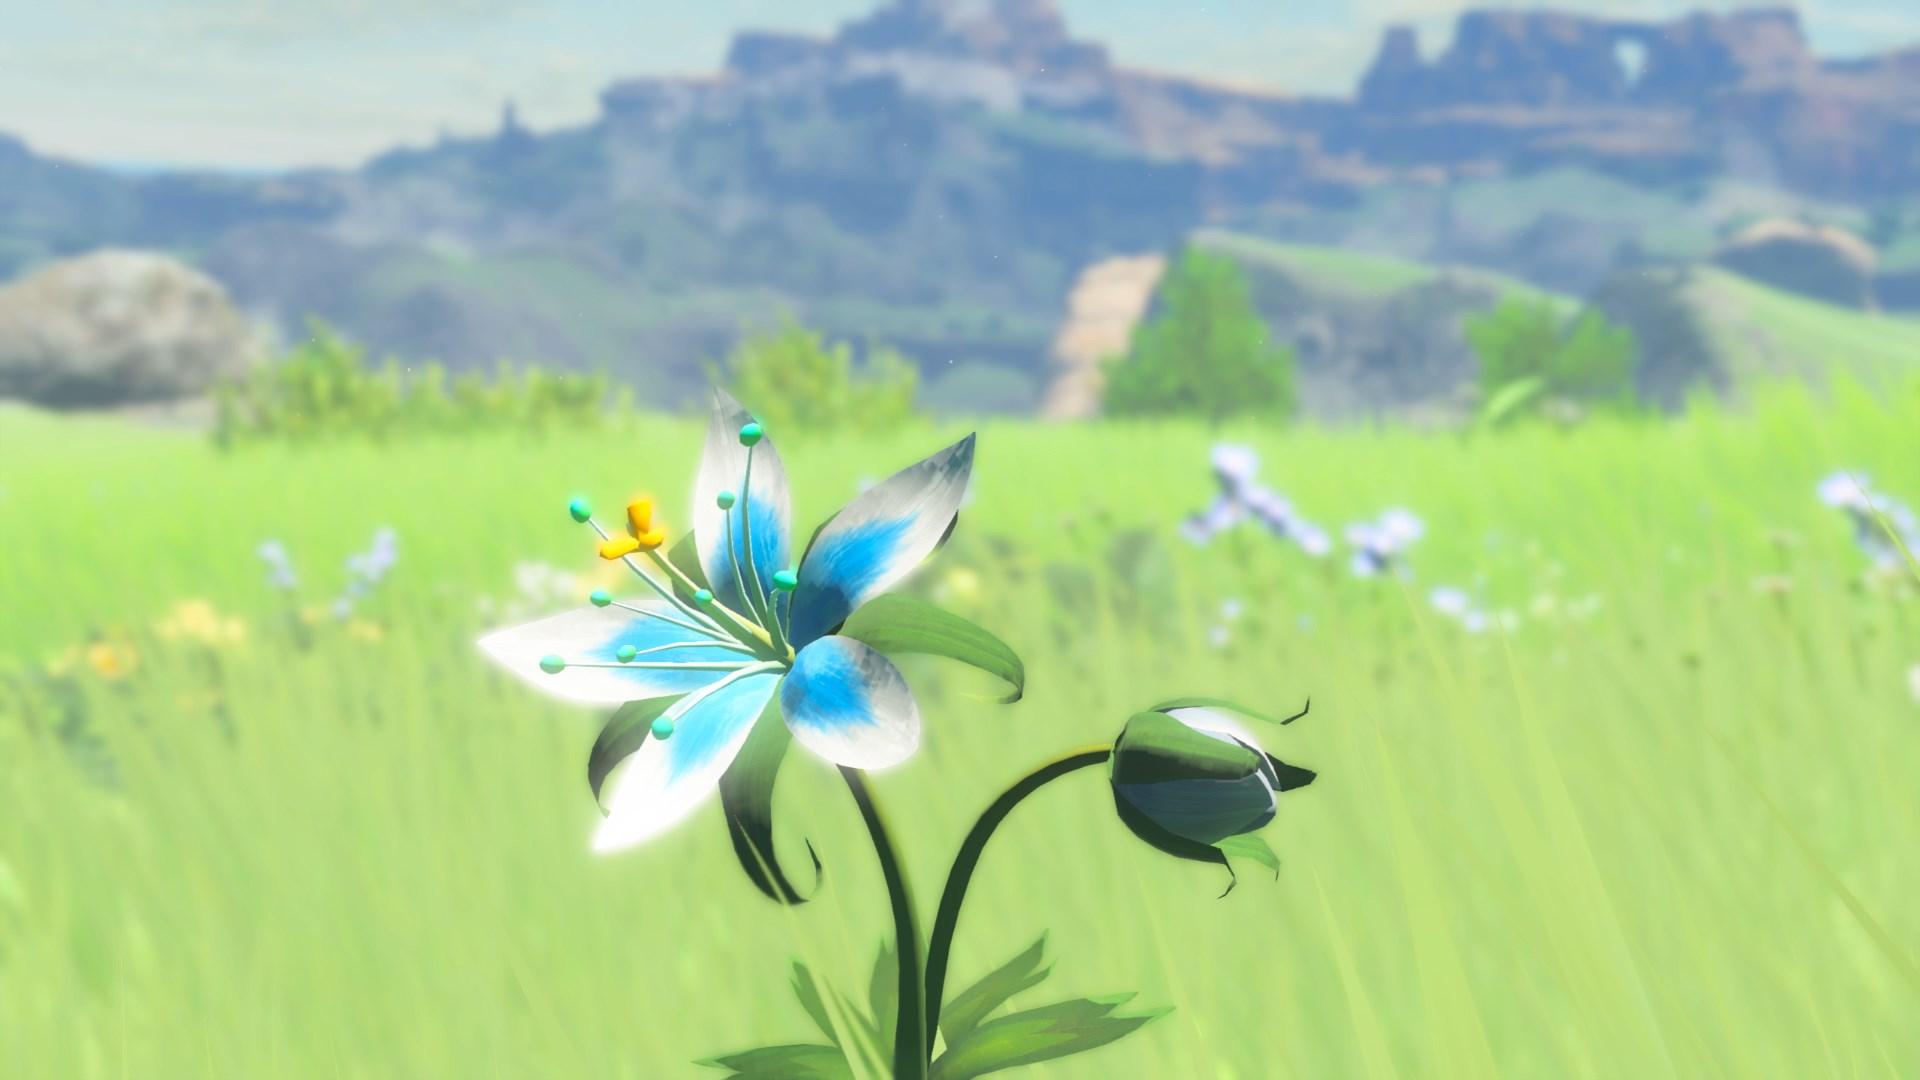 Silent Princess Zeldapedia Fandom